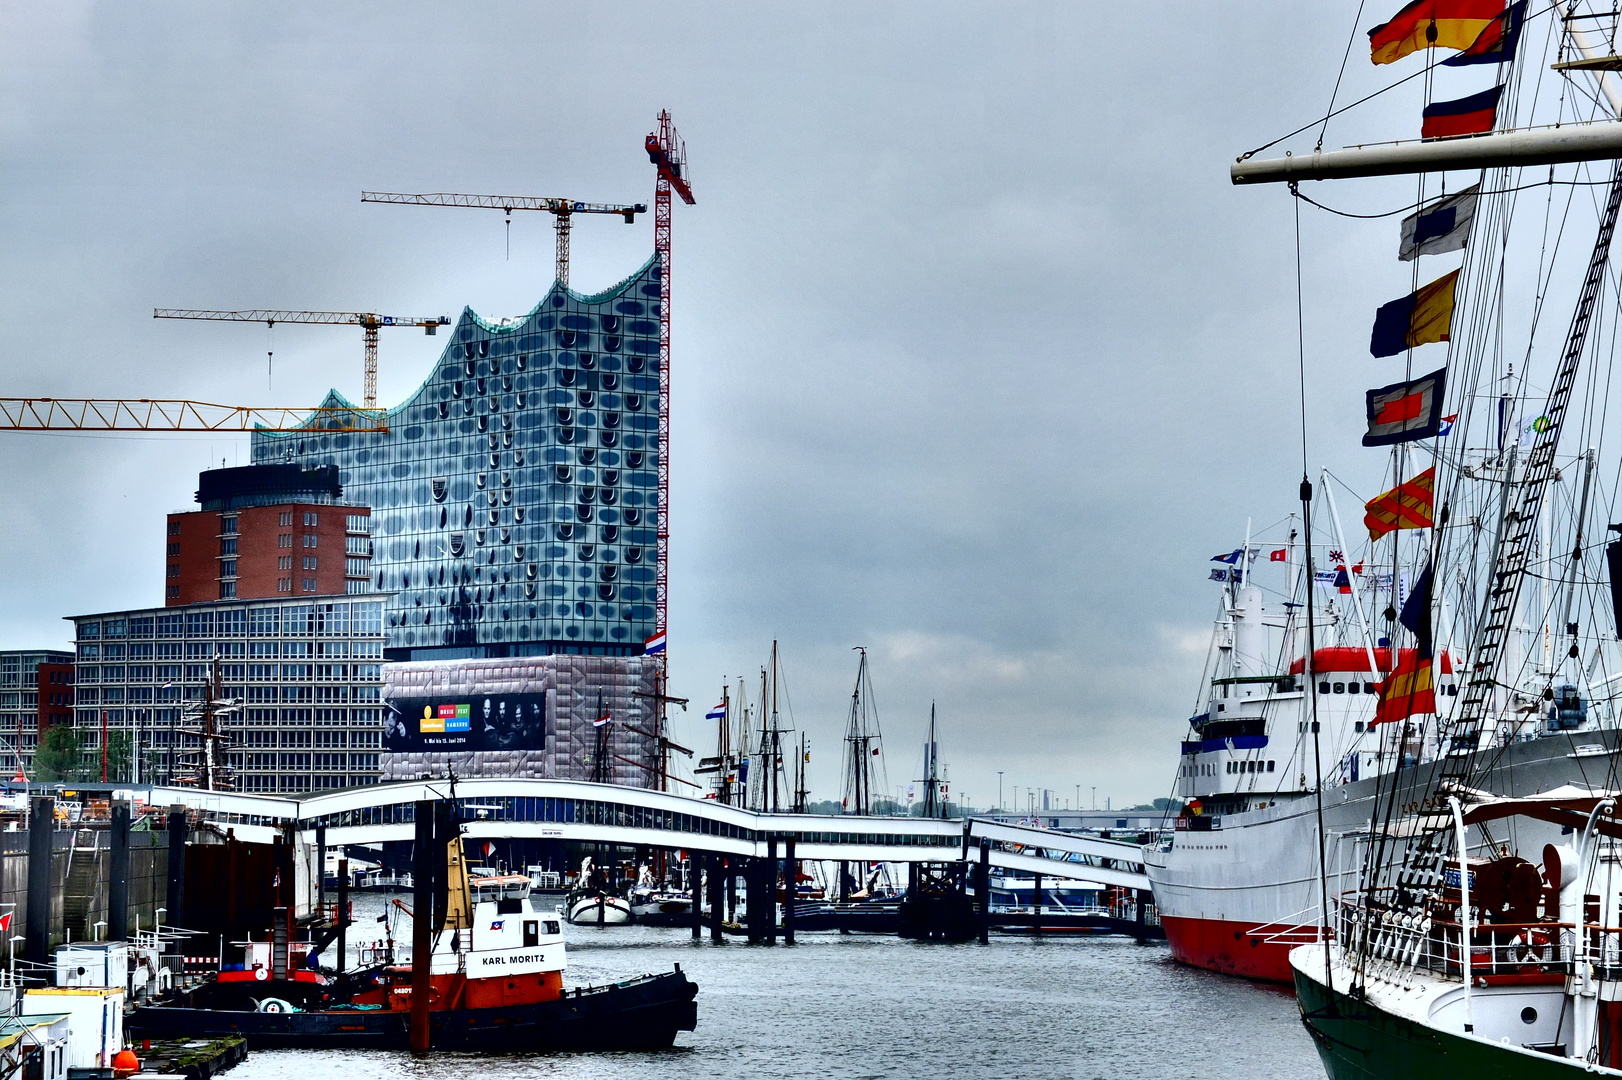 Hafengeburtstag, Hamburg 2014 (7)